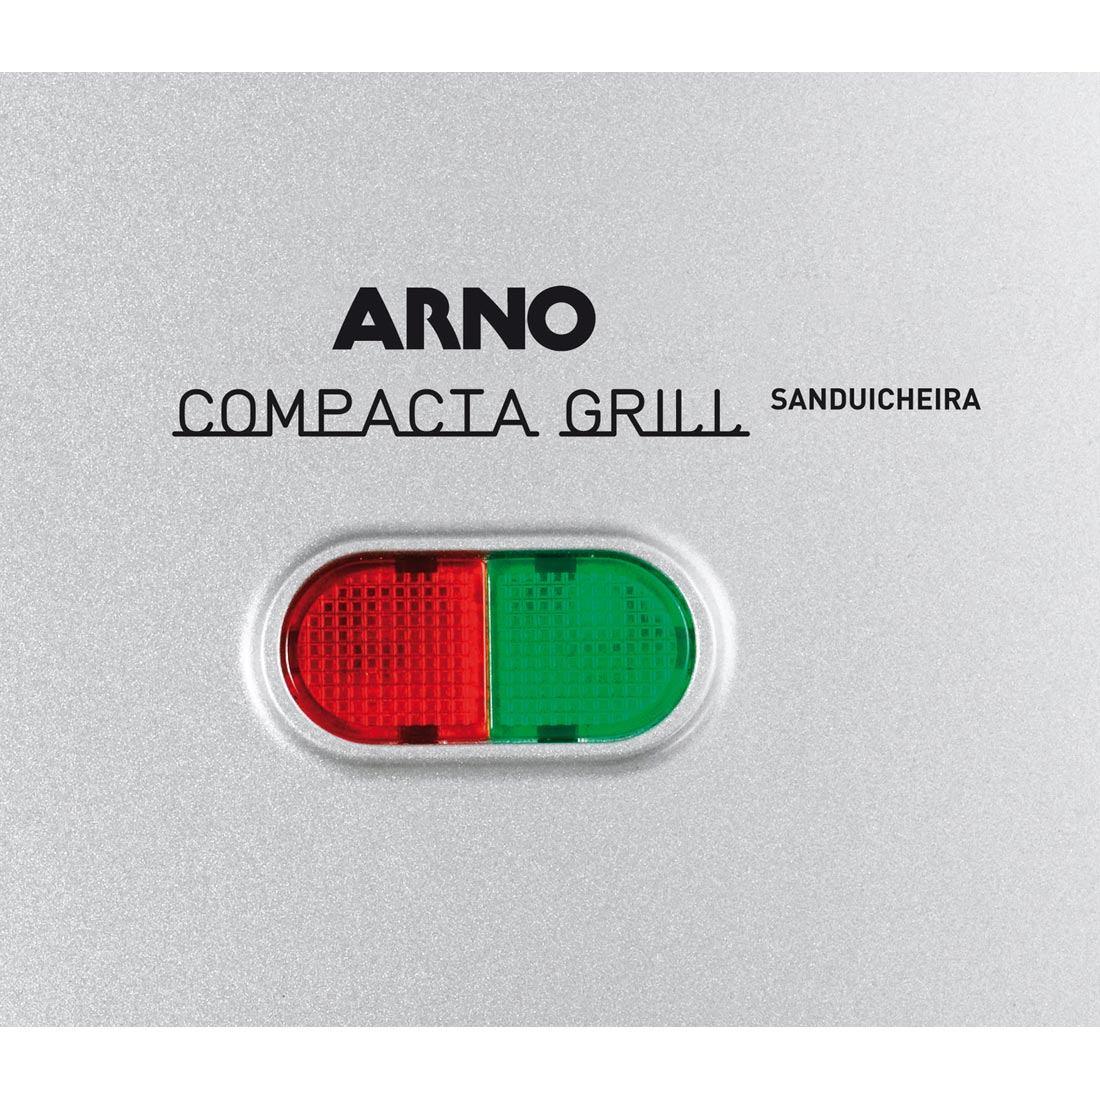 #028D44 Sanduicheira Compacta Grill Inox 110v Arno R$ 99 90 em Mercado  1100x1100 px Armario De Cozinha Compacta Ricardo Eletro #1987 imagens